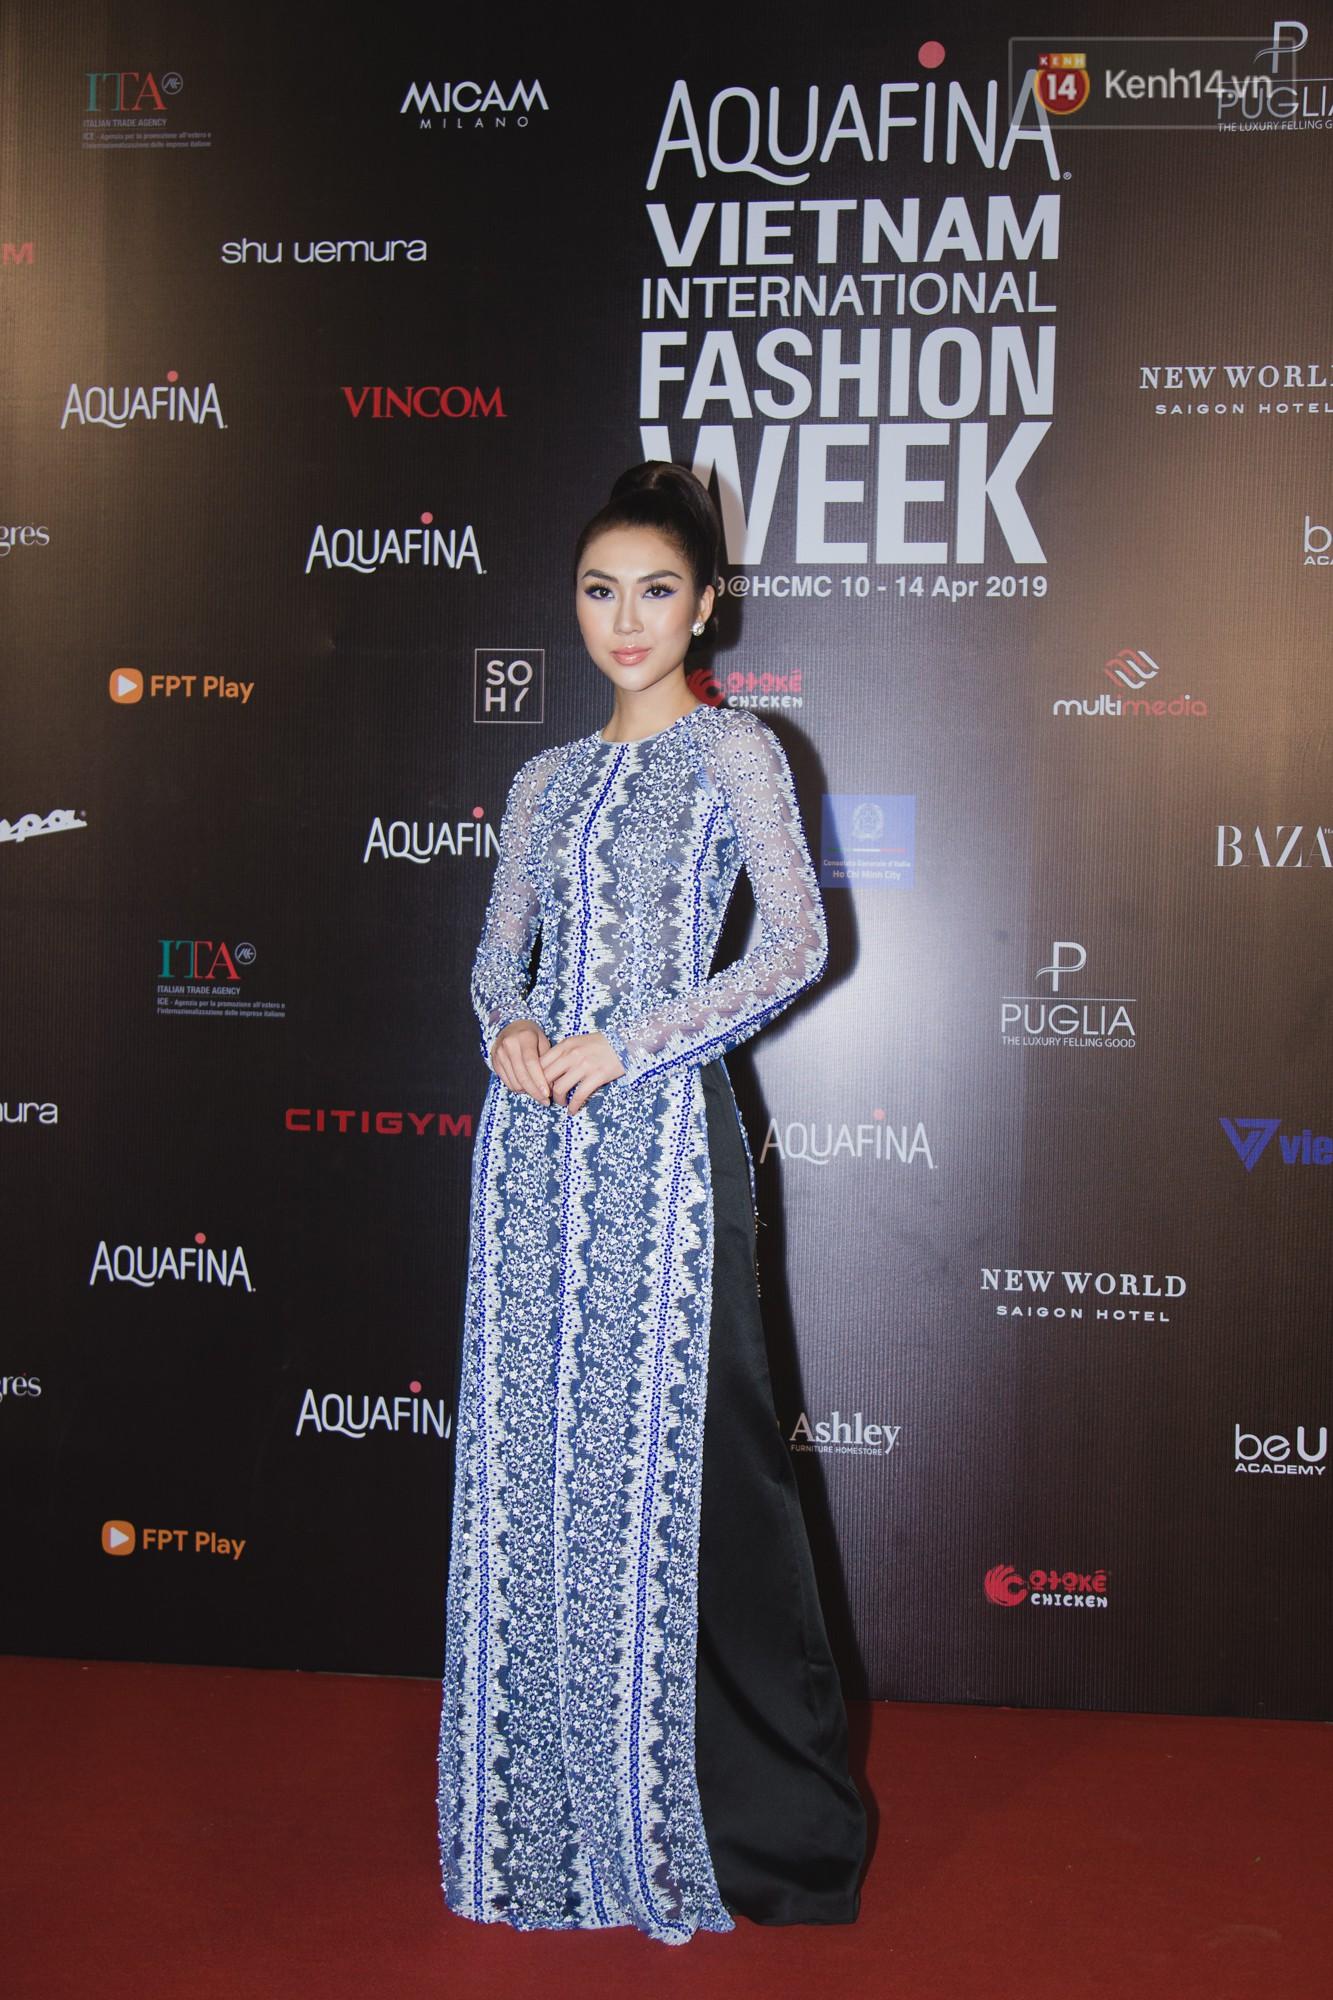 Linh Chi - Lâm Vinh Hải trông như cô dâu chú rể, Cindy Thái Tài lại hở bạo hết sức trên thảm đỏ Tuần lễ thời trang - Ảnh 12.